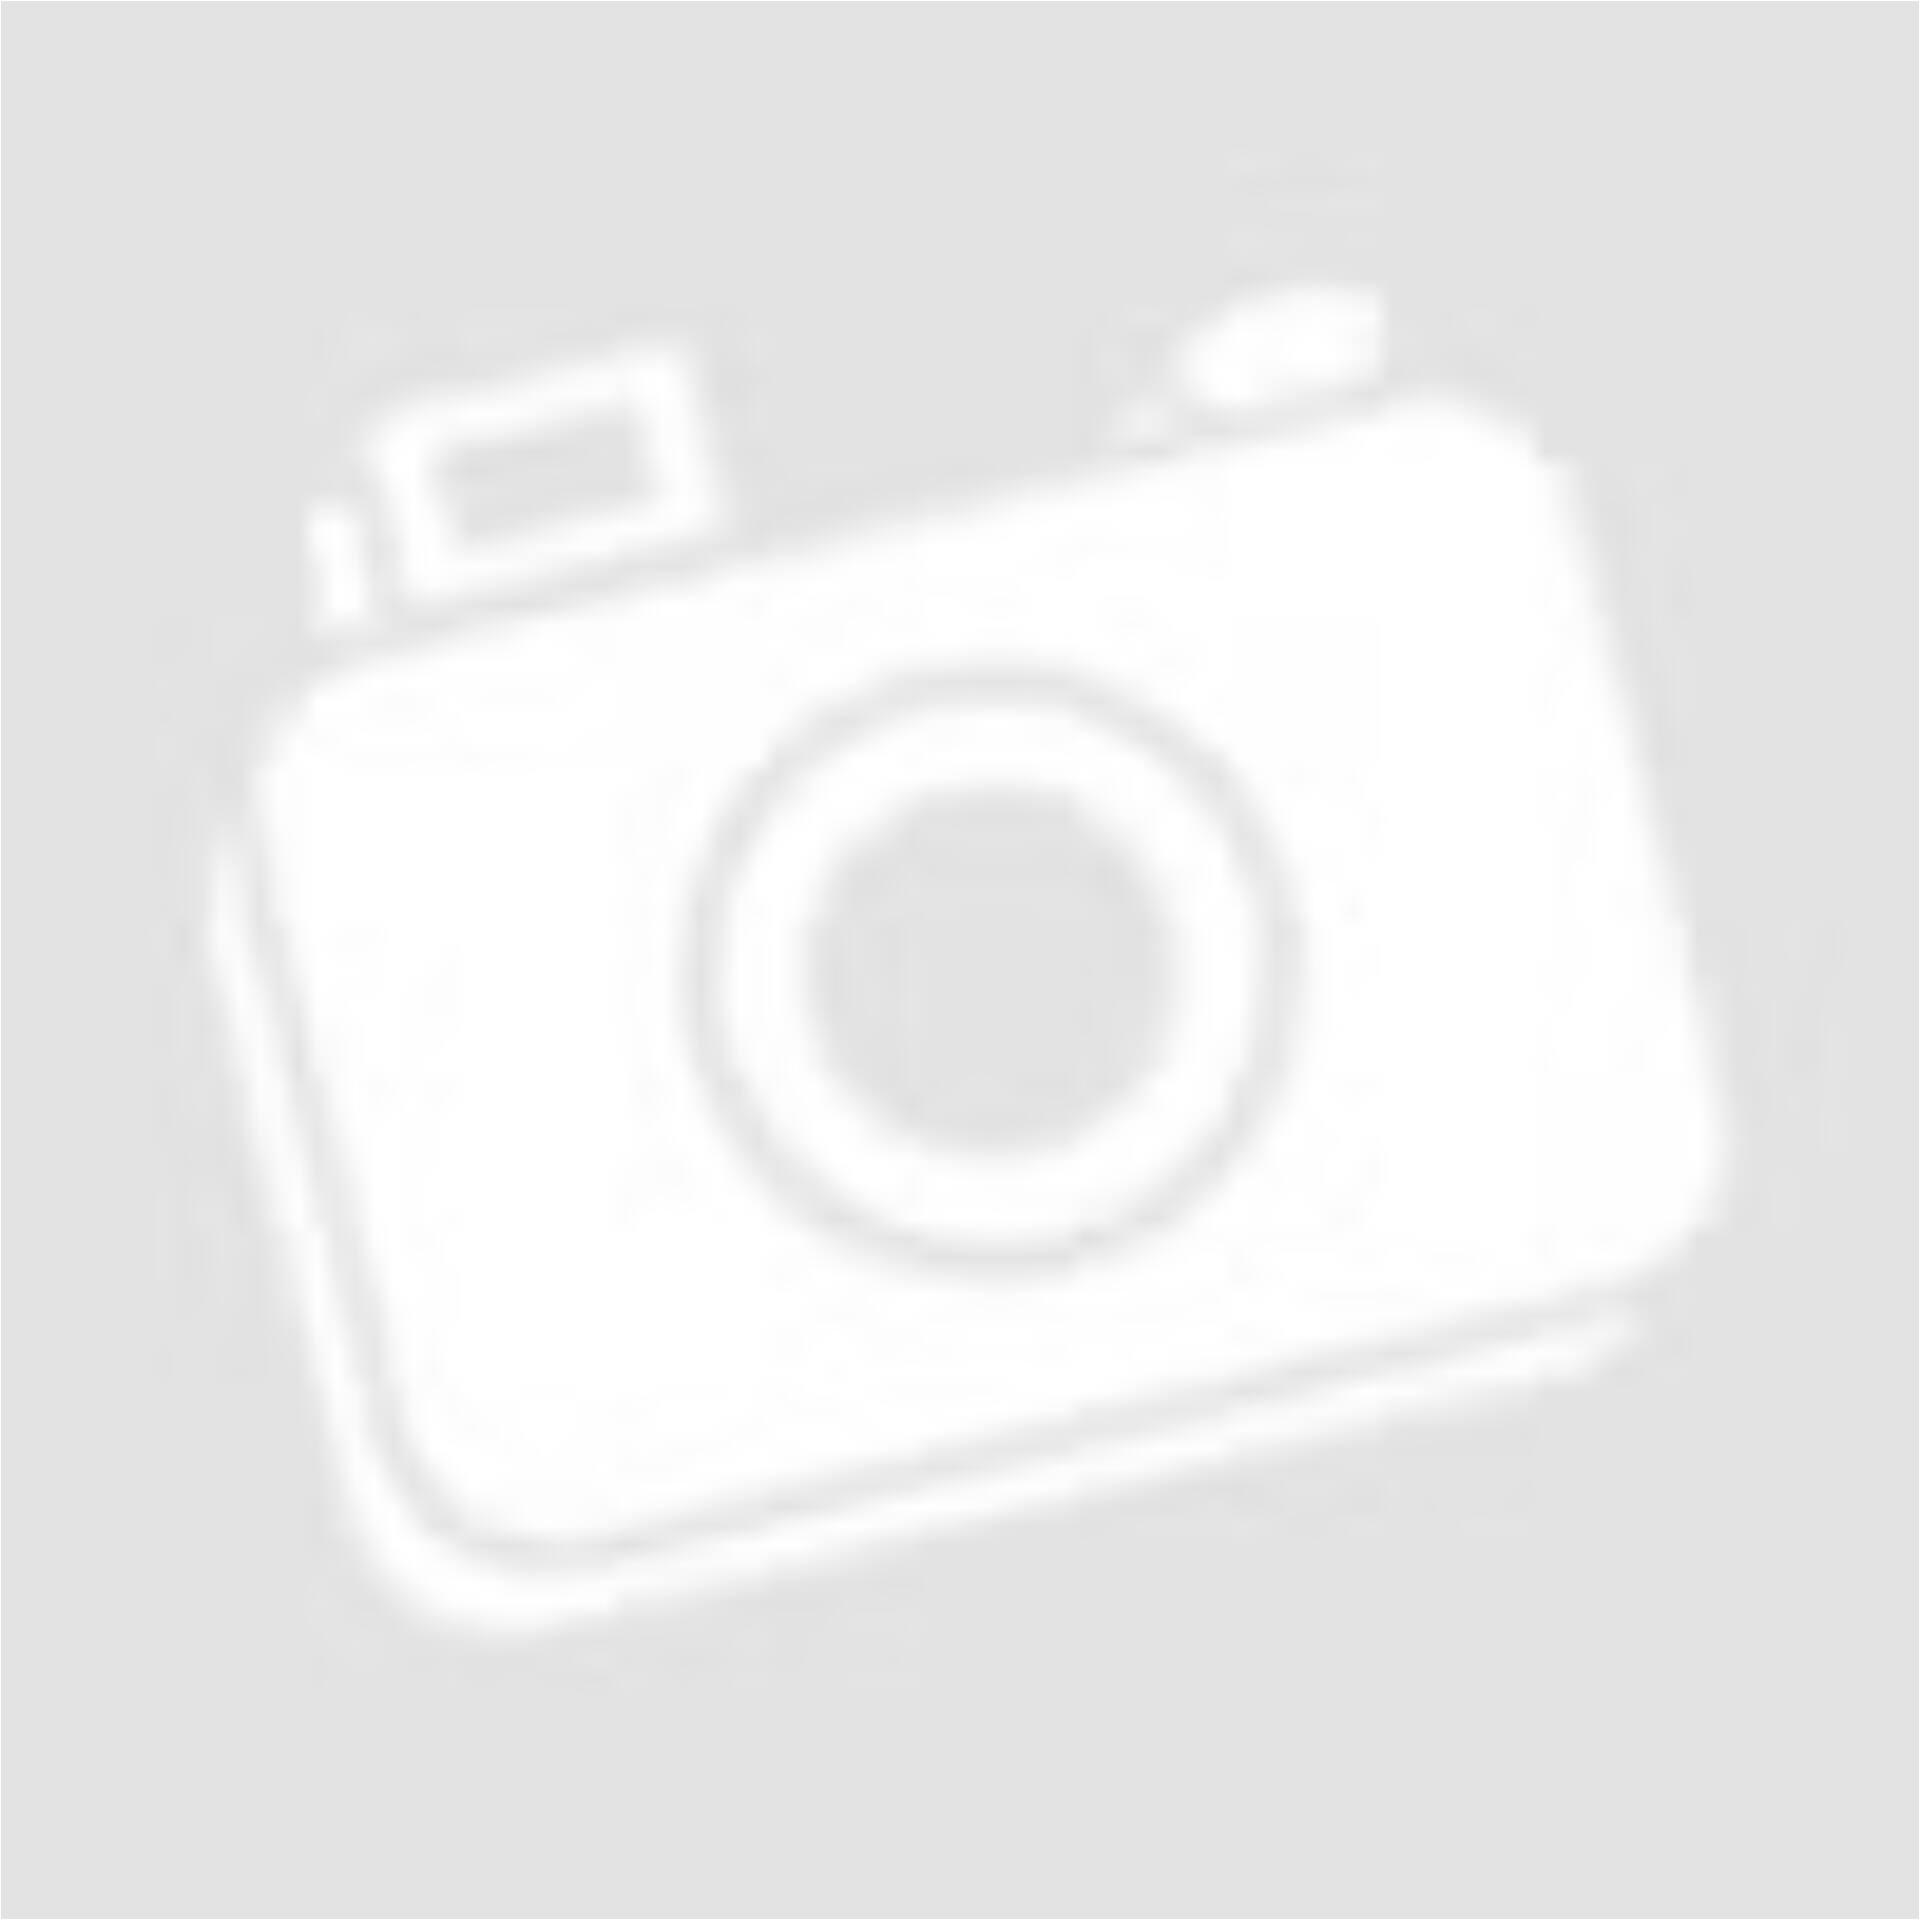 96657caf02 Lila színű H&M ing (Méret: M) - Női felső, blúz, poncsó, tunika ...